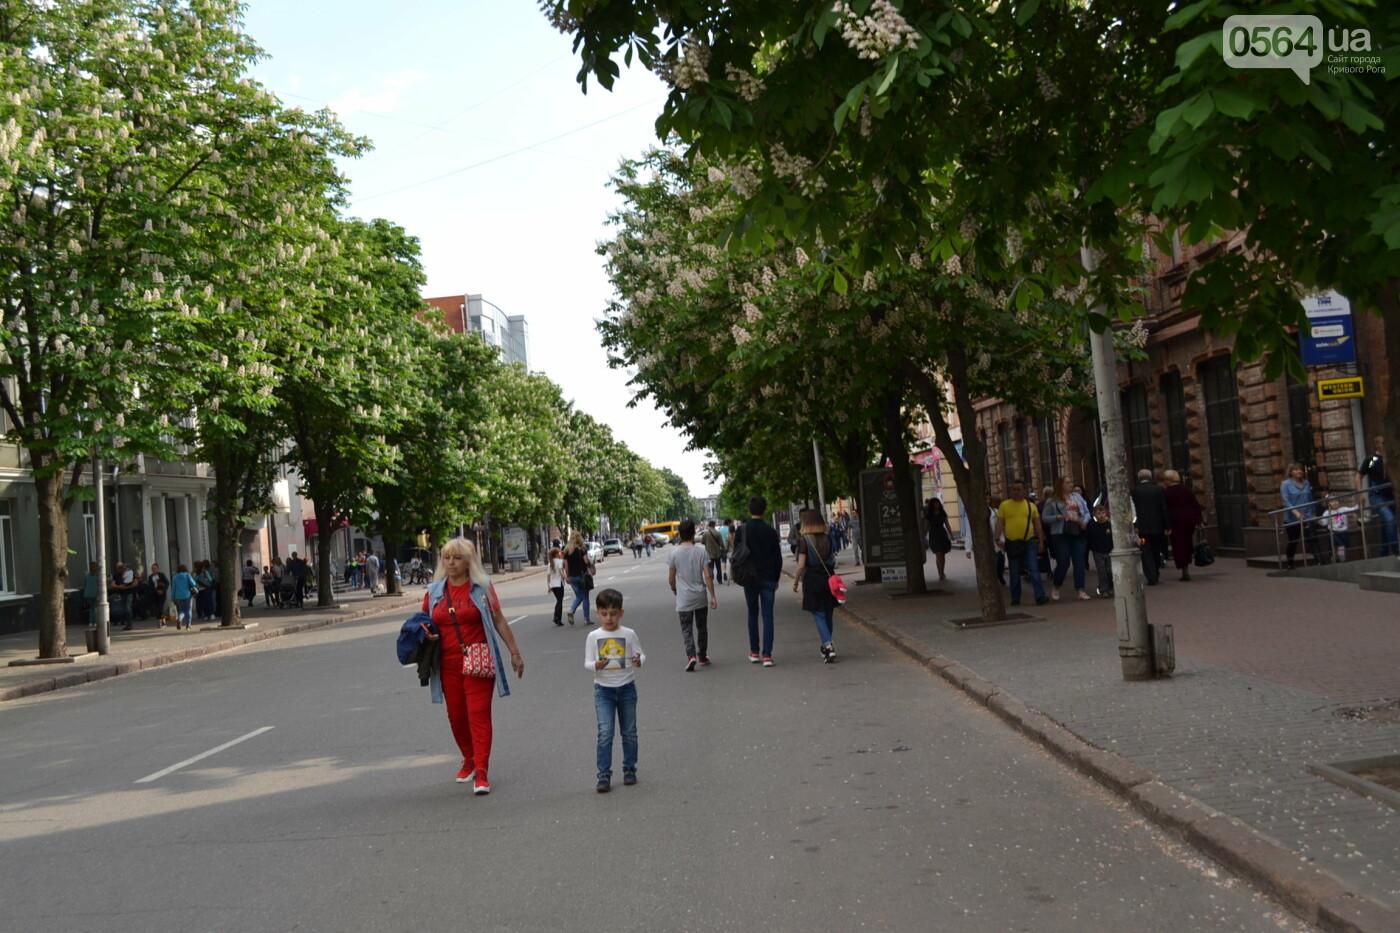 Играют все: на проспекте Почтовом в Кривом Роге проходит фестиваль уличной музыки, - ФОТО, ВИДЕО, фото-8